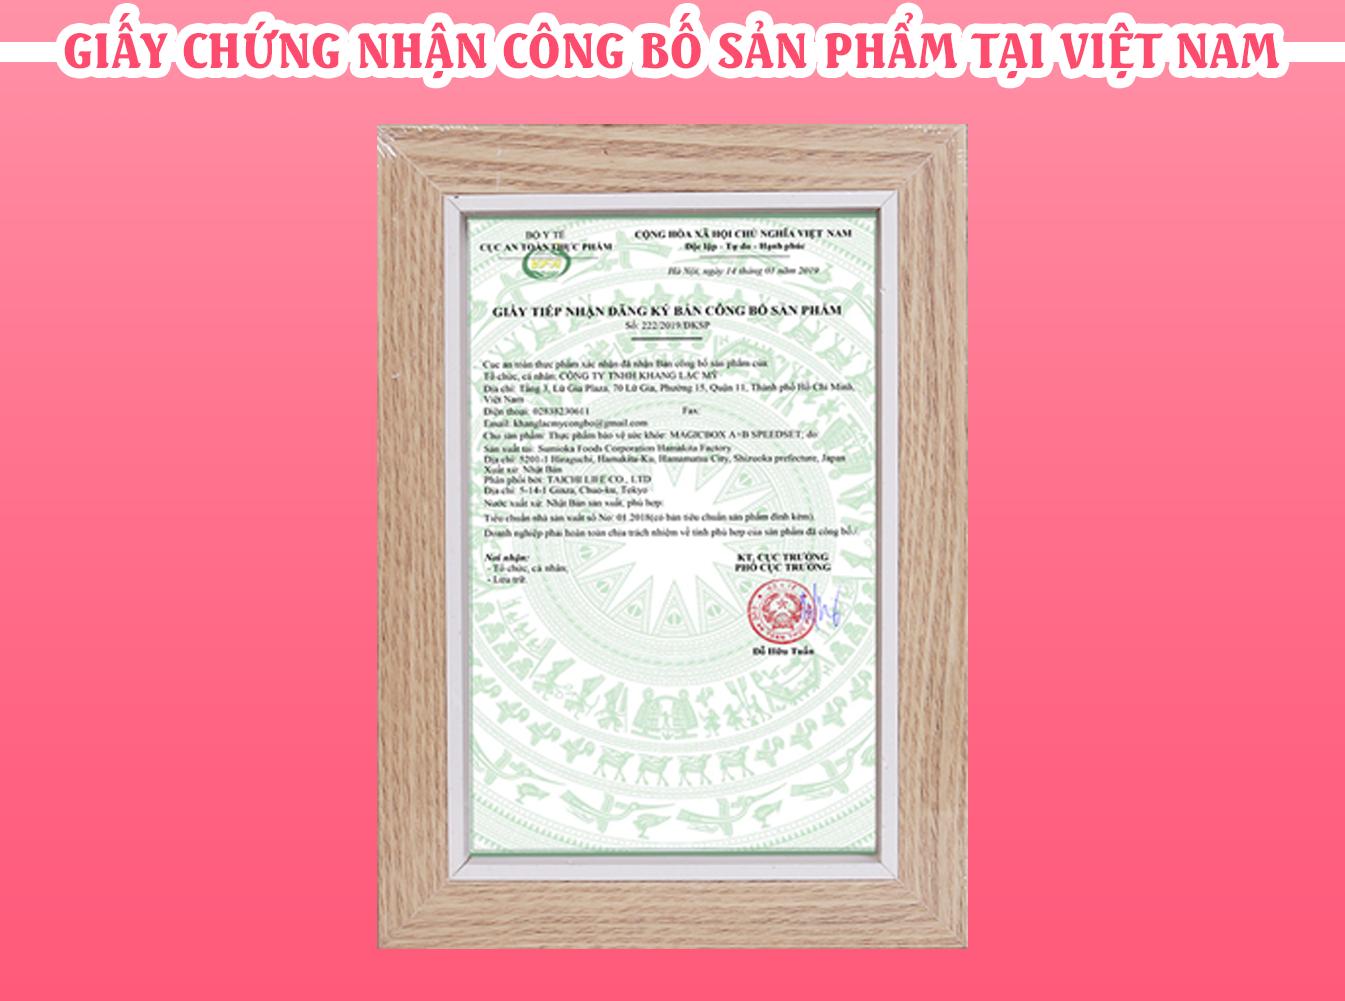 Công bố chứng nhận sản phẩm tại Việt Nam